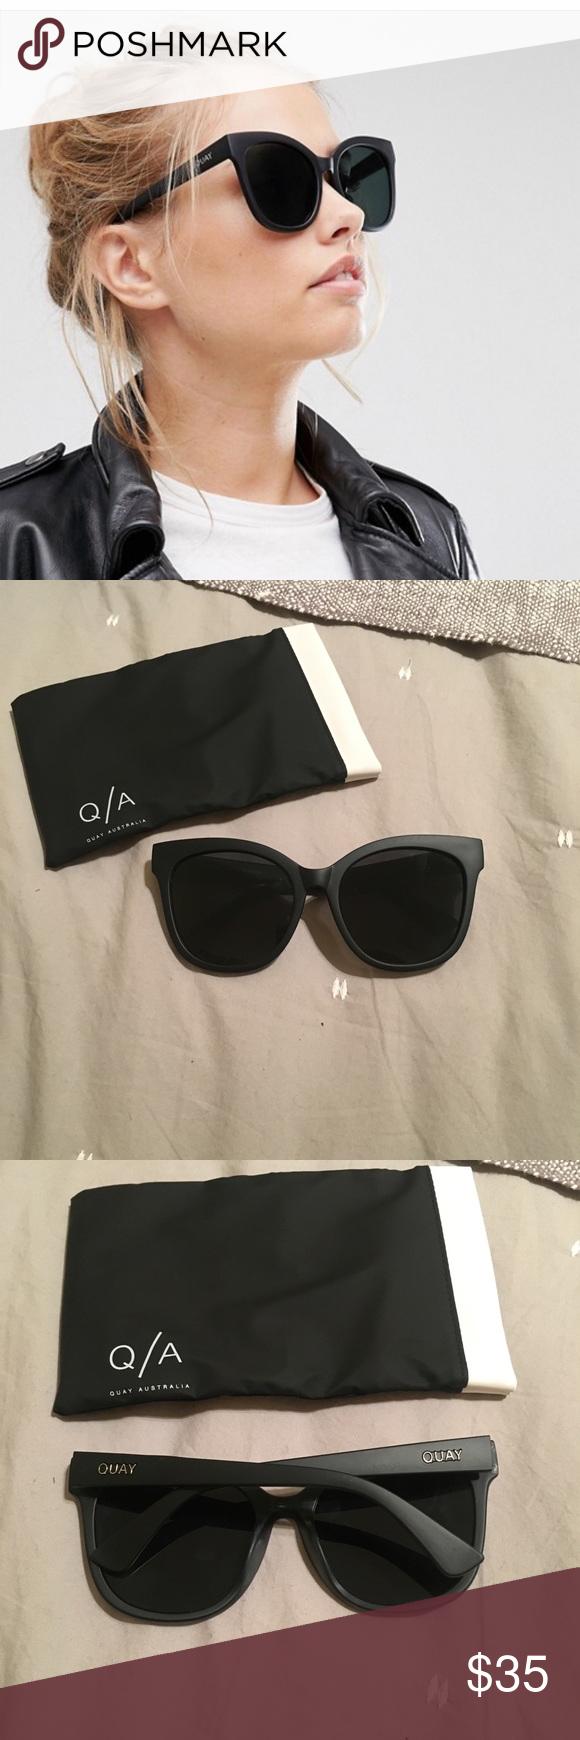 6a6e6eb203a Quay It s My Way Sunglasses Like new